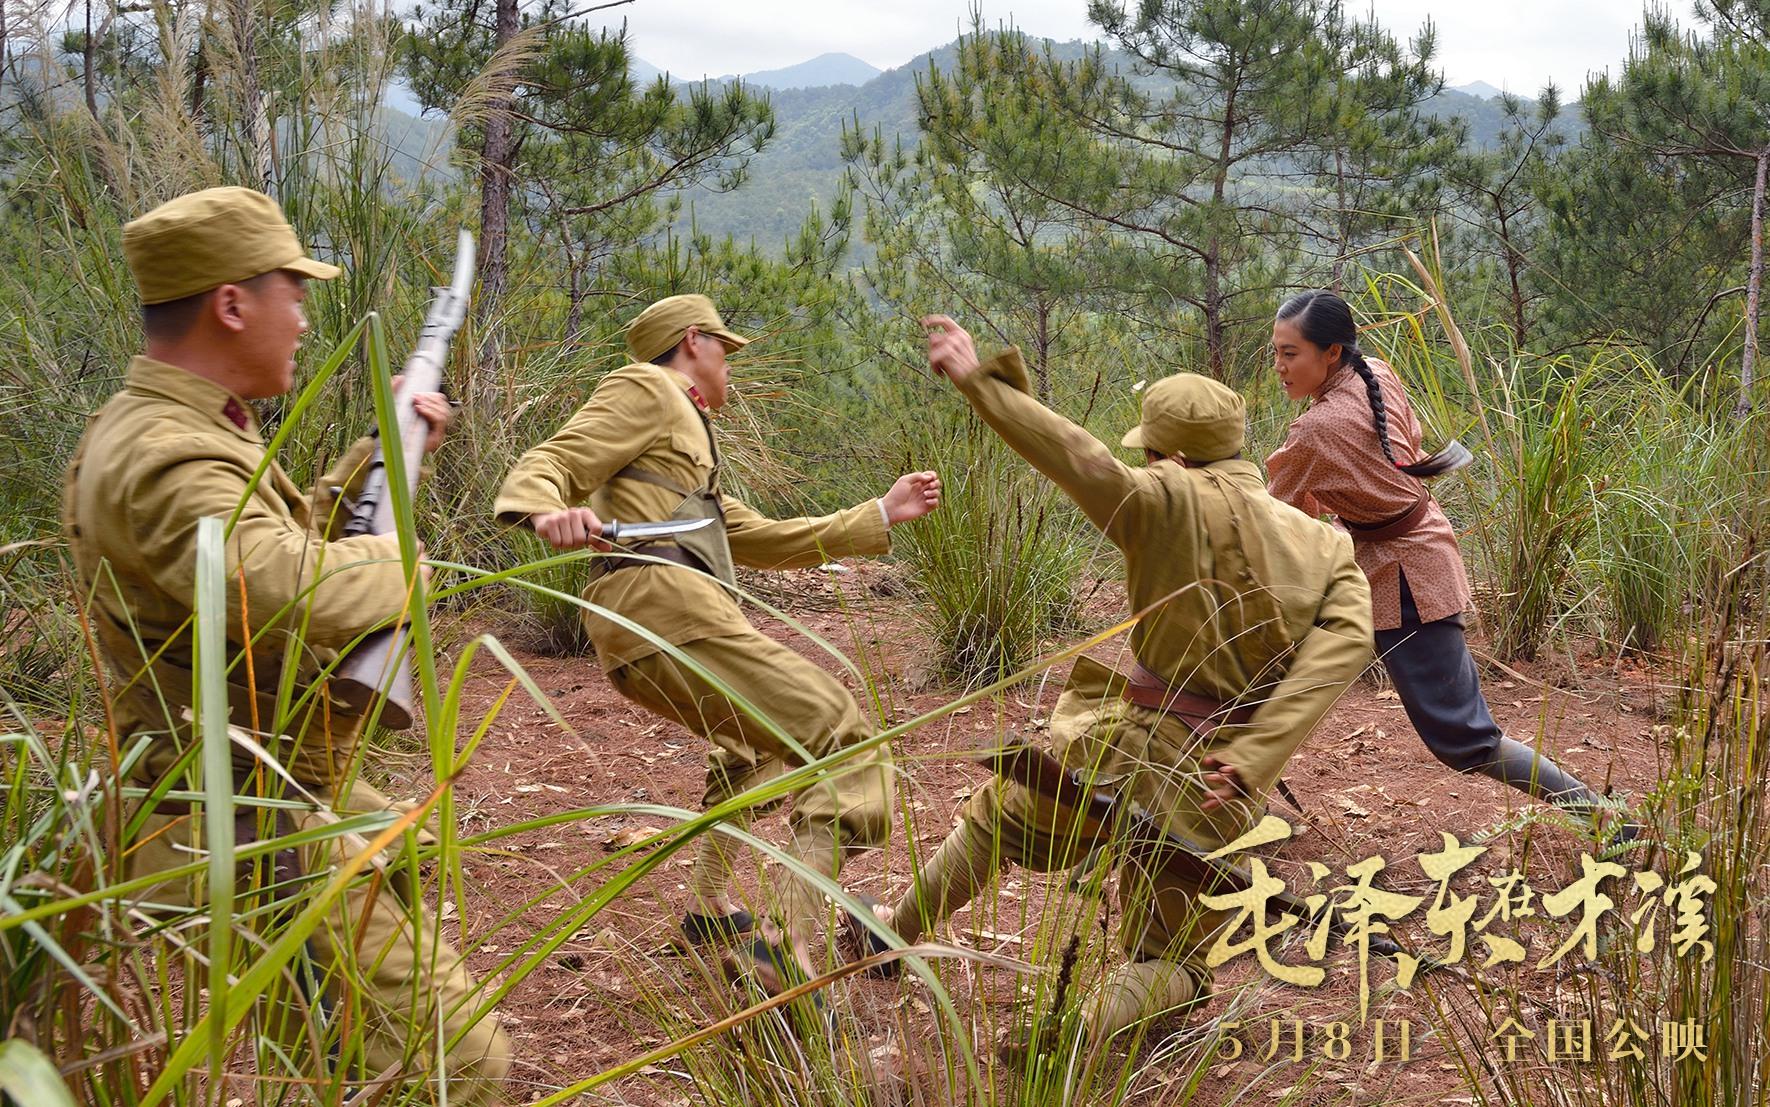 电影《毛泽东在才溪》发布终极海报预告 (6).jpg